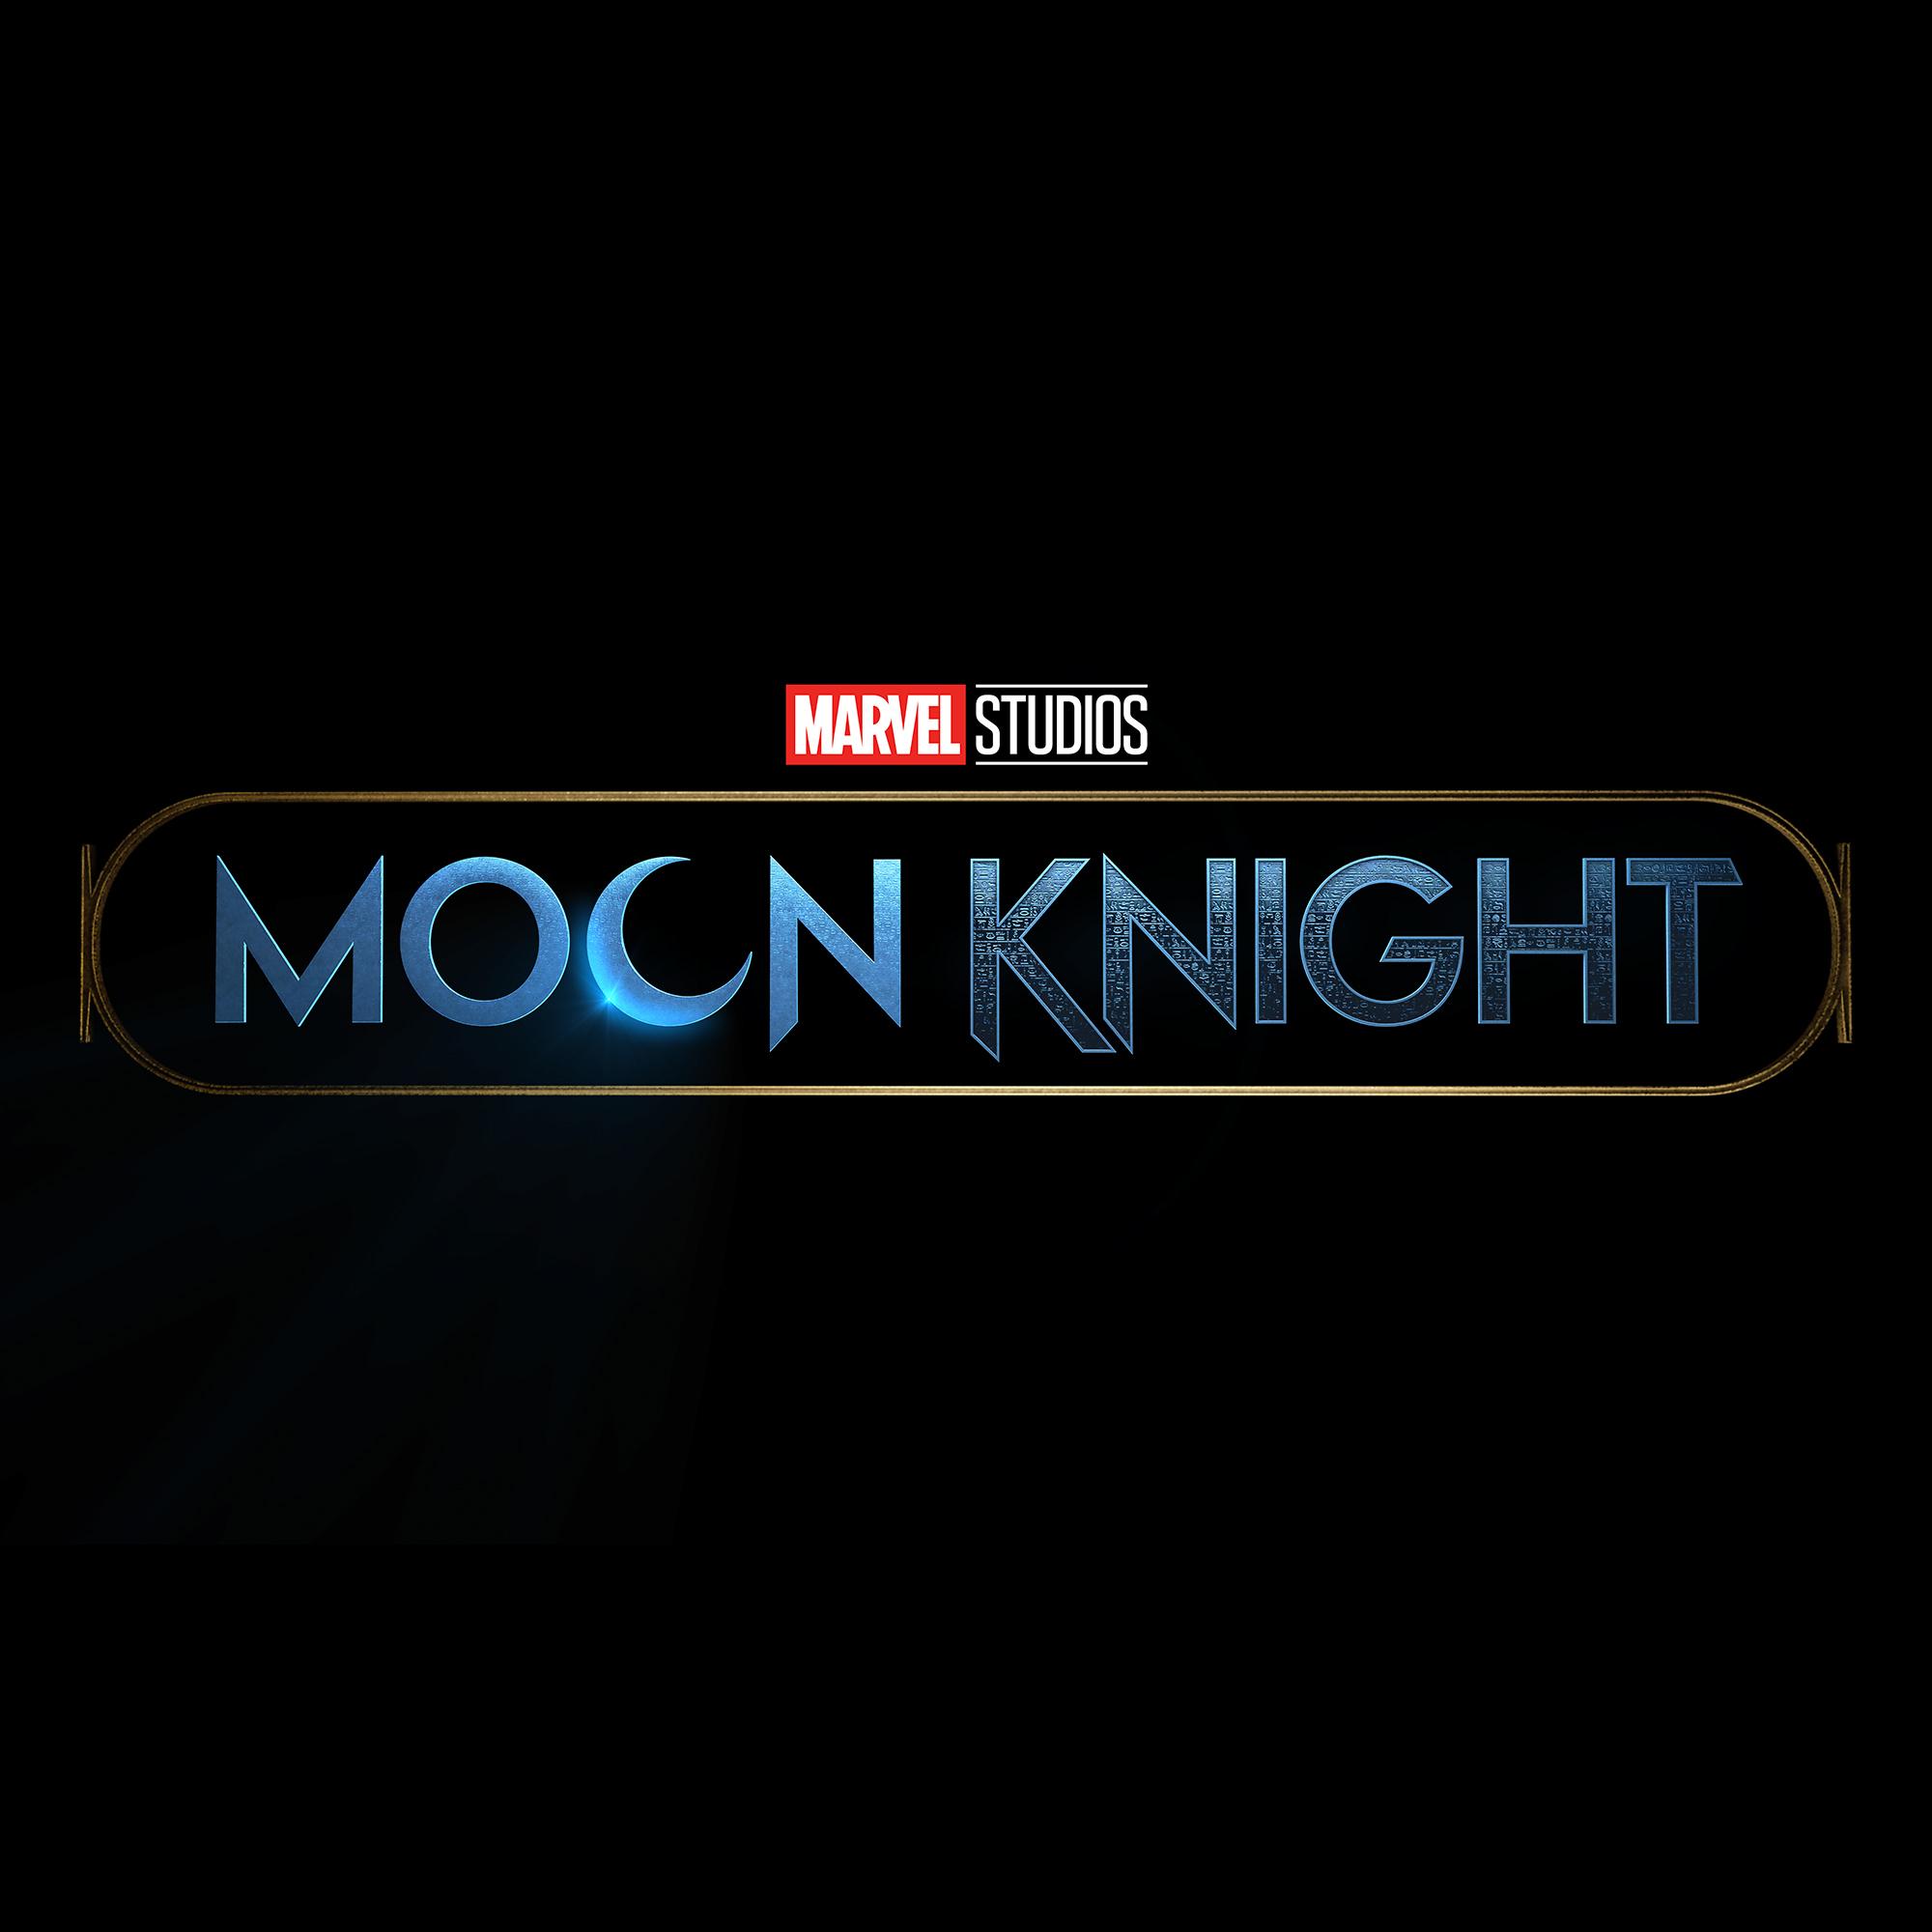 ¡Ethan Hawke se unirá al elenco de 'Moon Knight'!